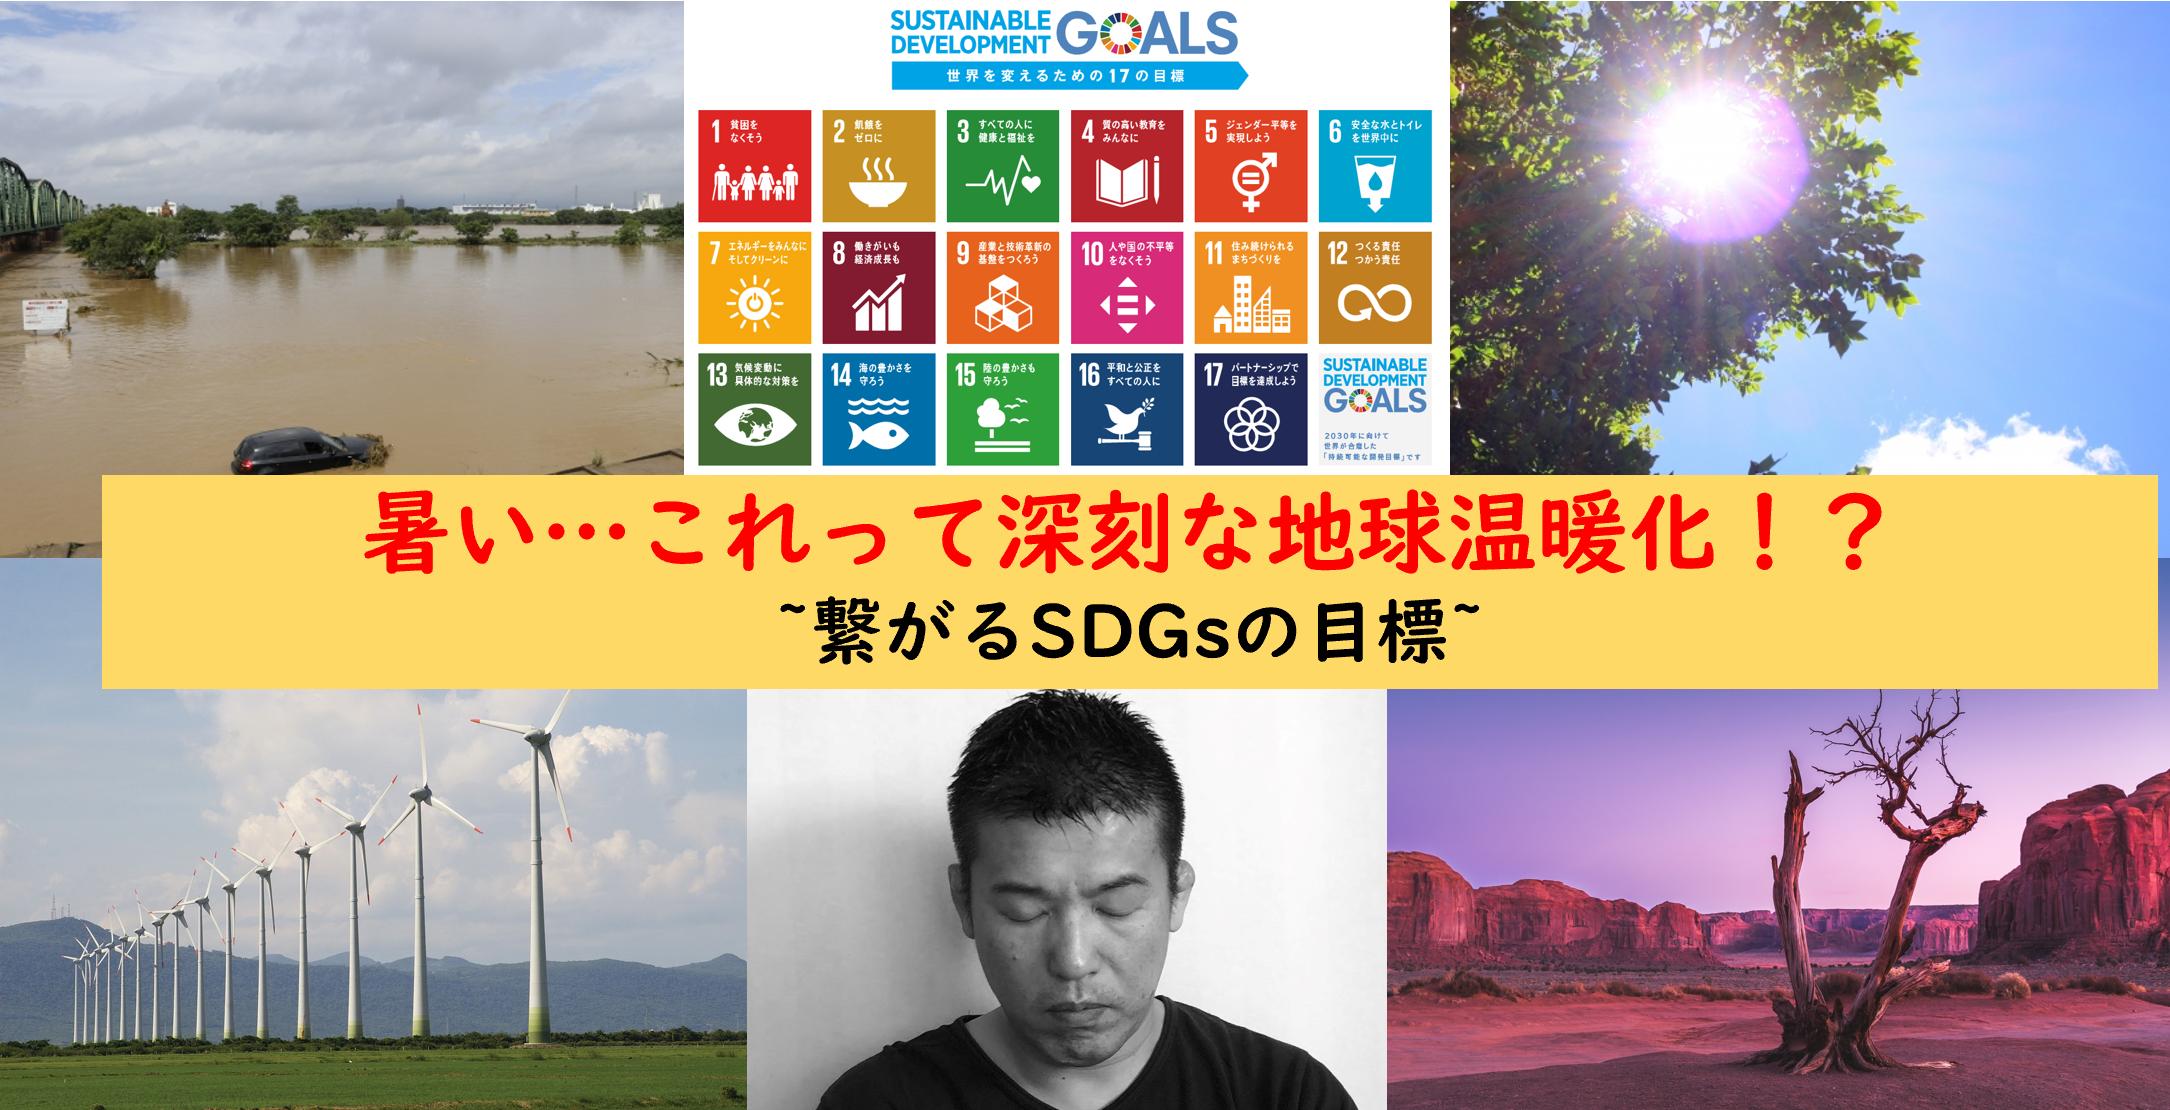 気候変動・地球温暖化・SDGs